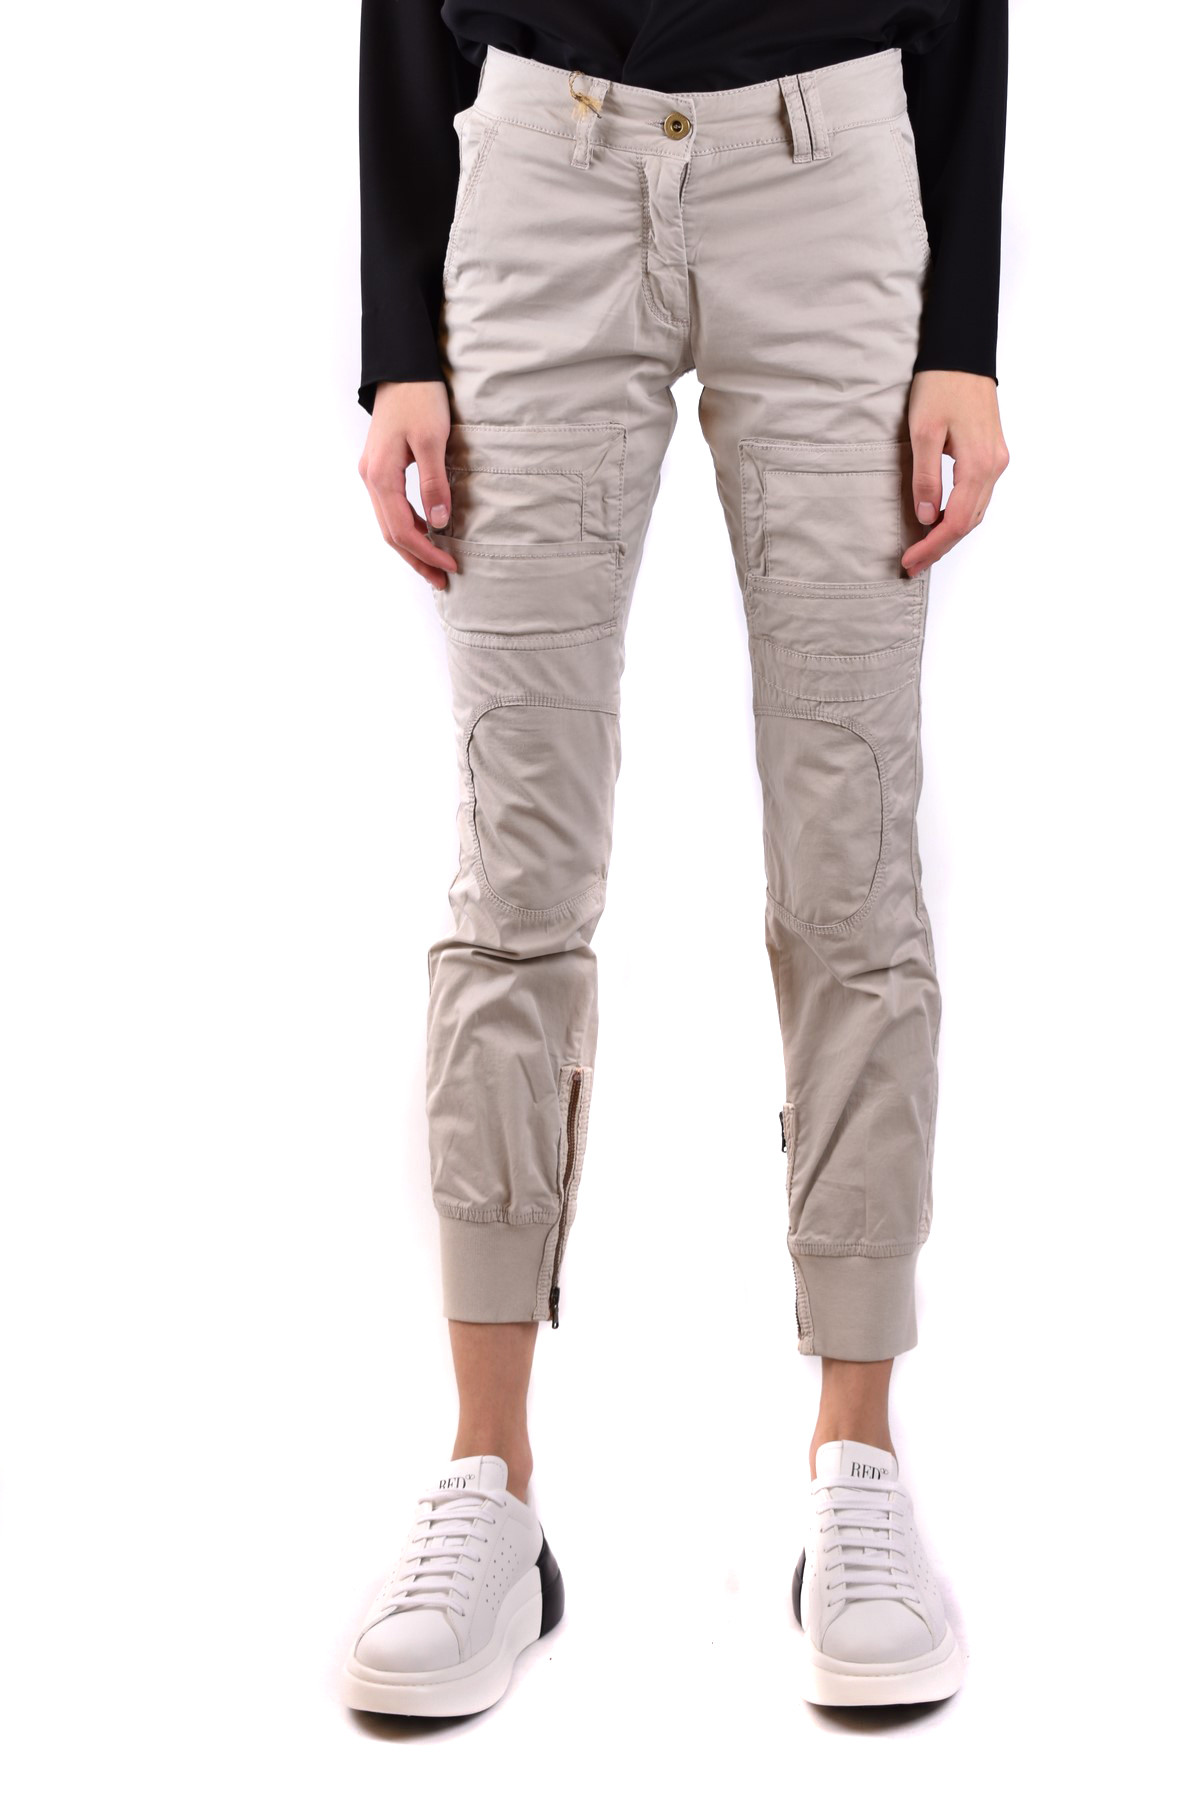 Marchio Aeronautica Militare Genere Donna Tipologia Pantaloni Stagione Prim…